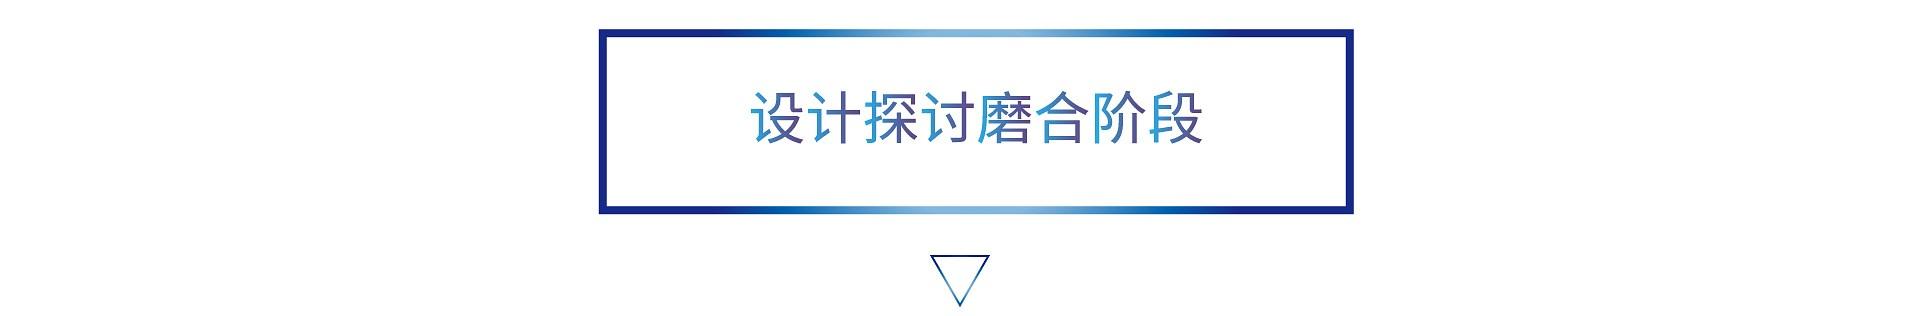 标题-01-01.jpg